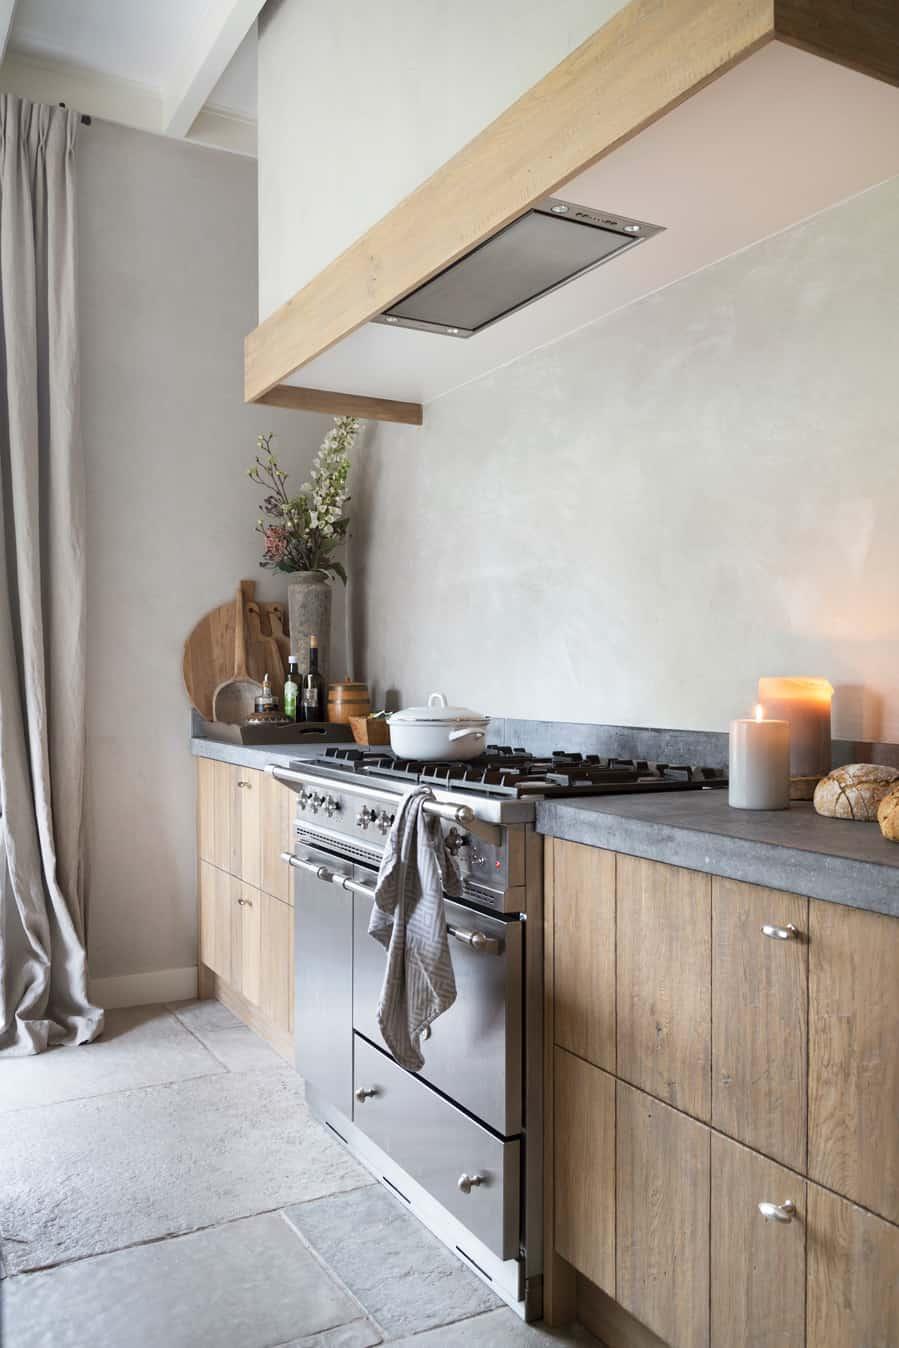 Houten keuken met fornuis